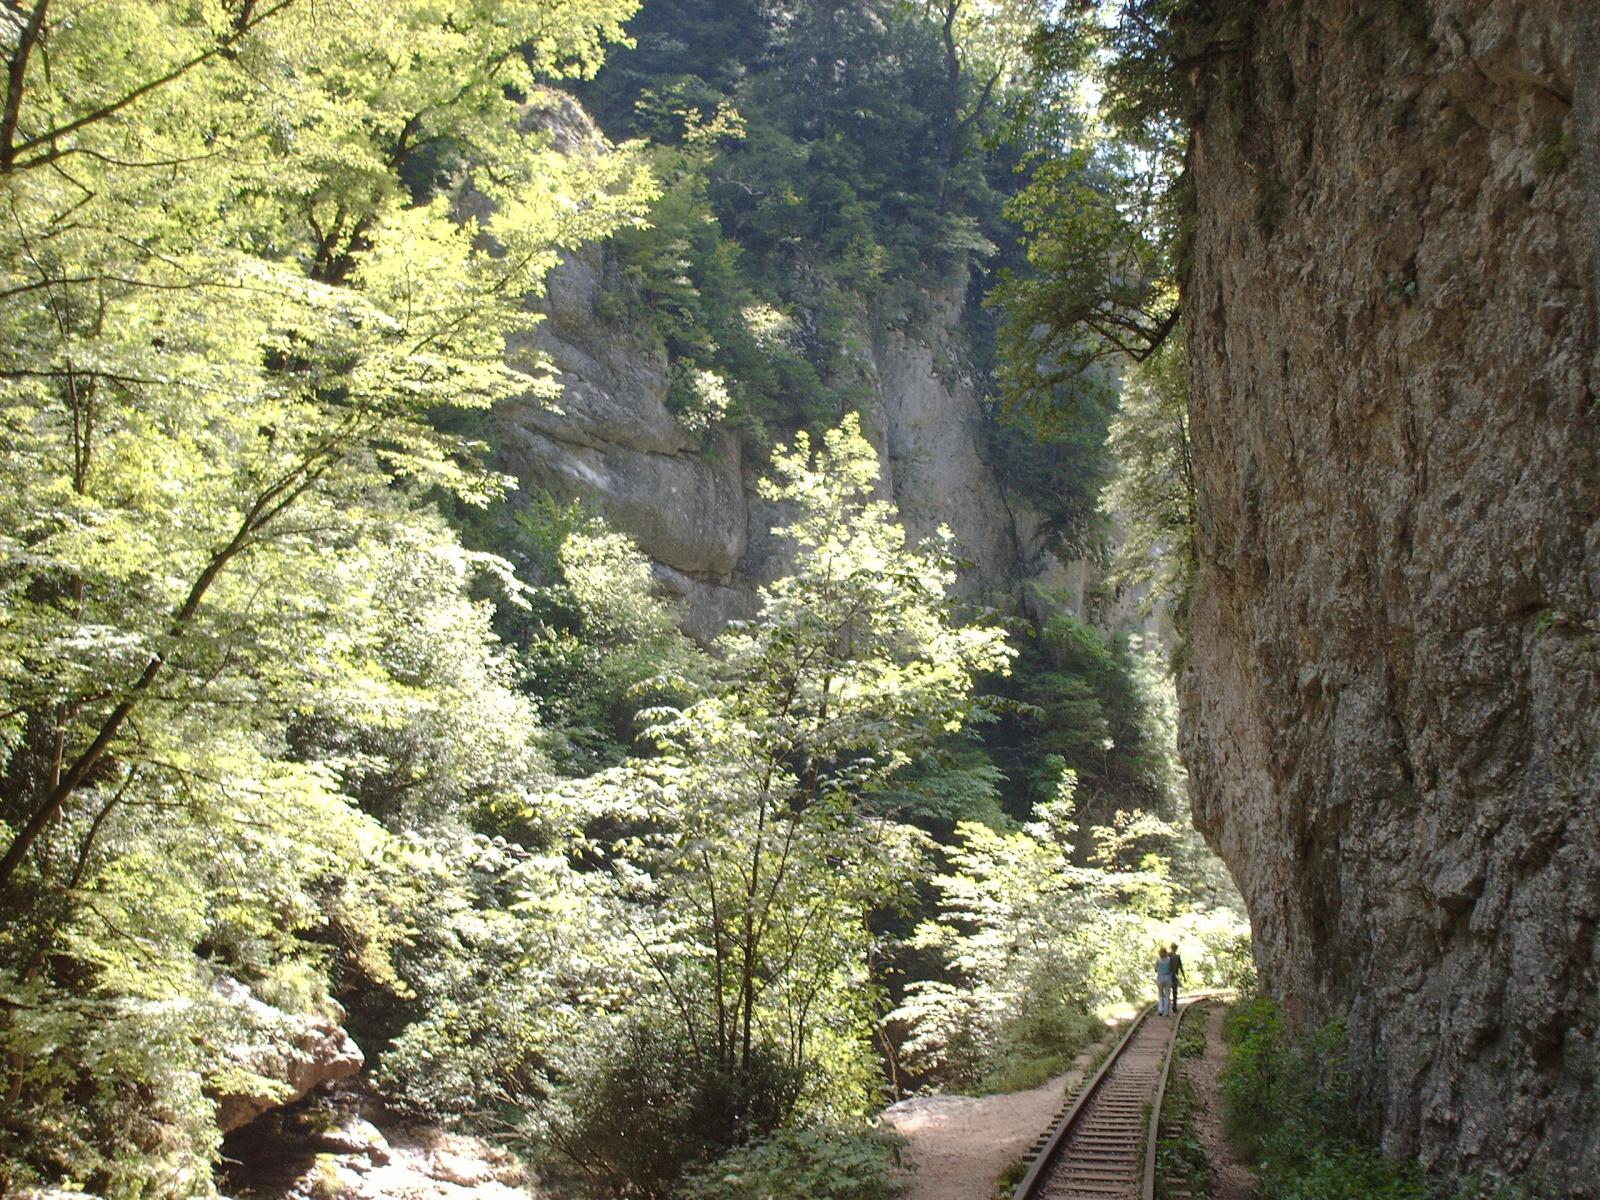 Гуамское ущелье. По научному - это каньон. Подобных ущелий в мире всего три. Длинна ущелья девять километров, пять из которых, редкий по красоте каньон, который является значимым памятником природы юга России.